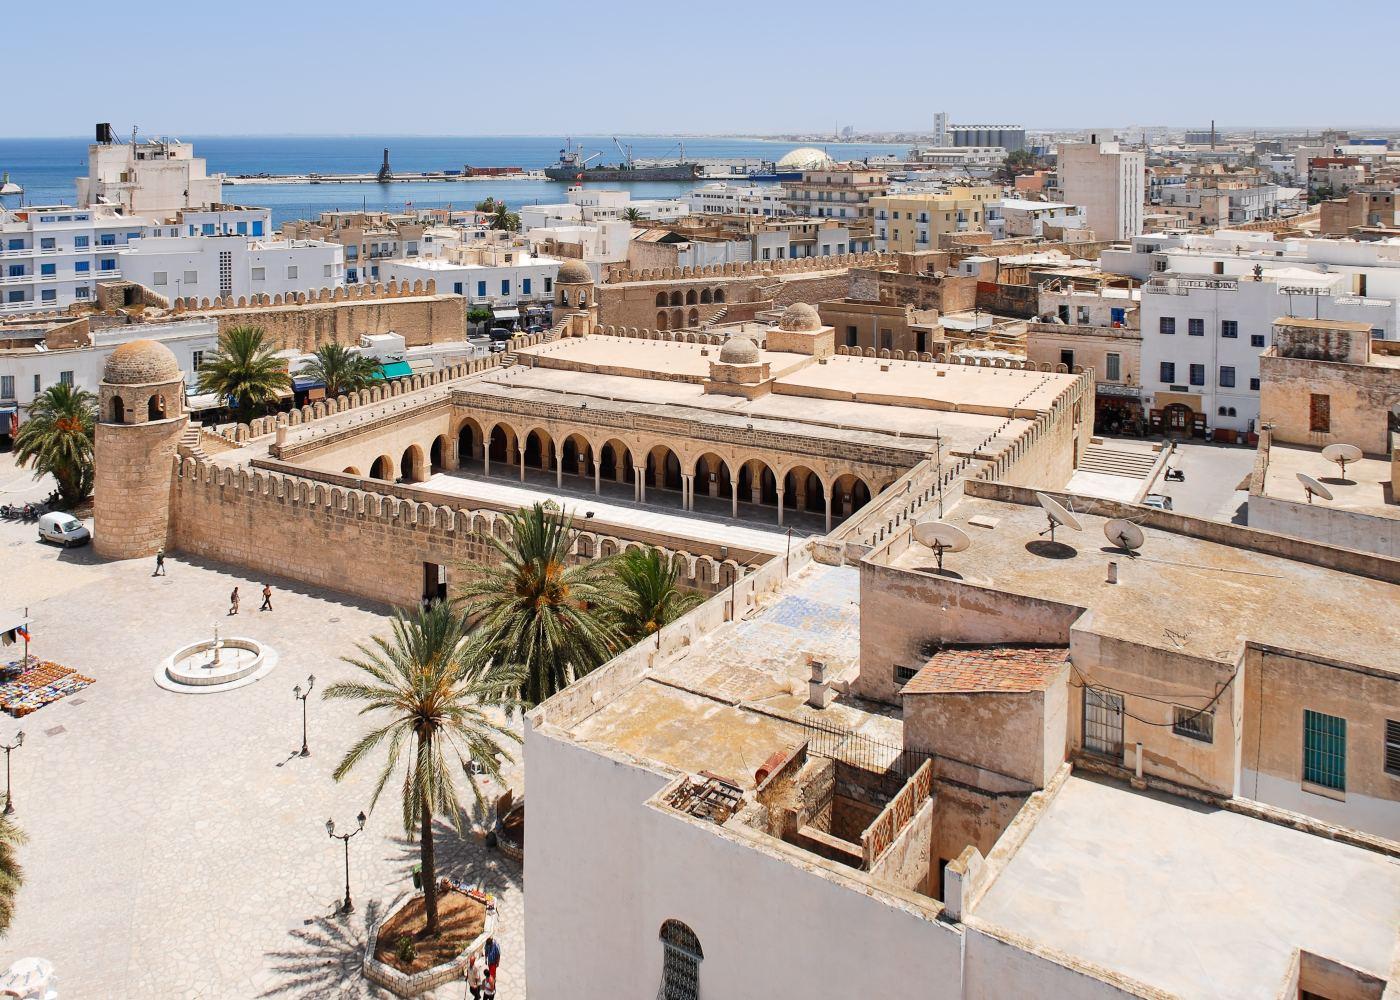 Vista geral de Sousse